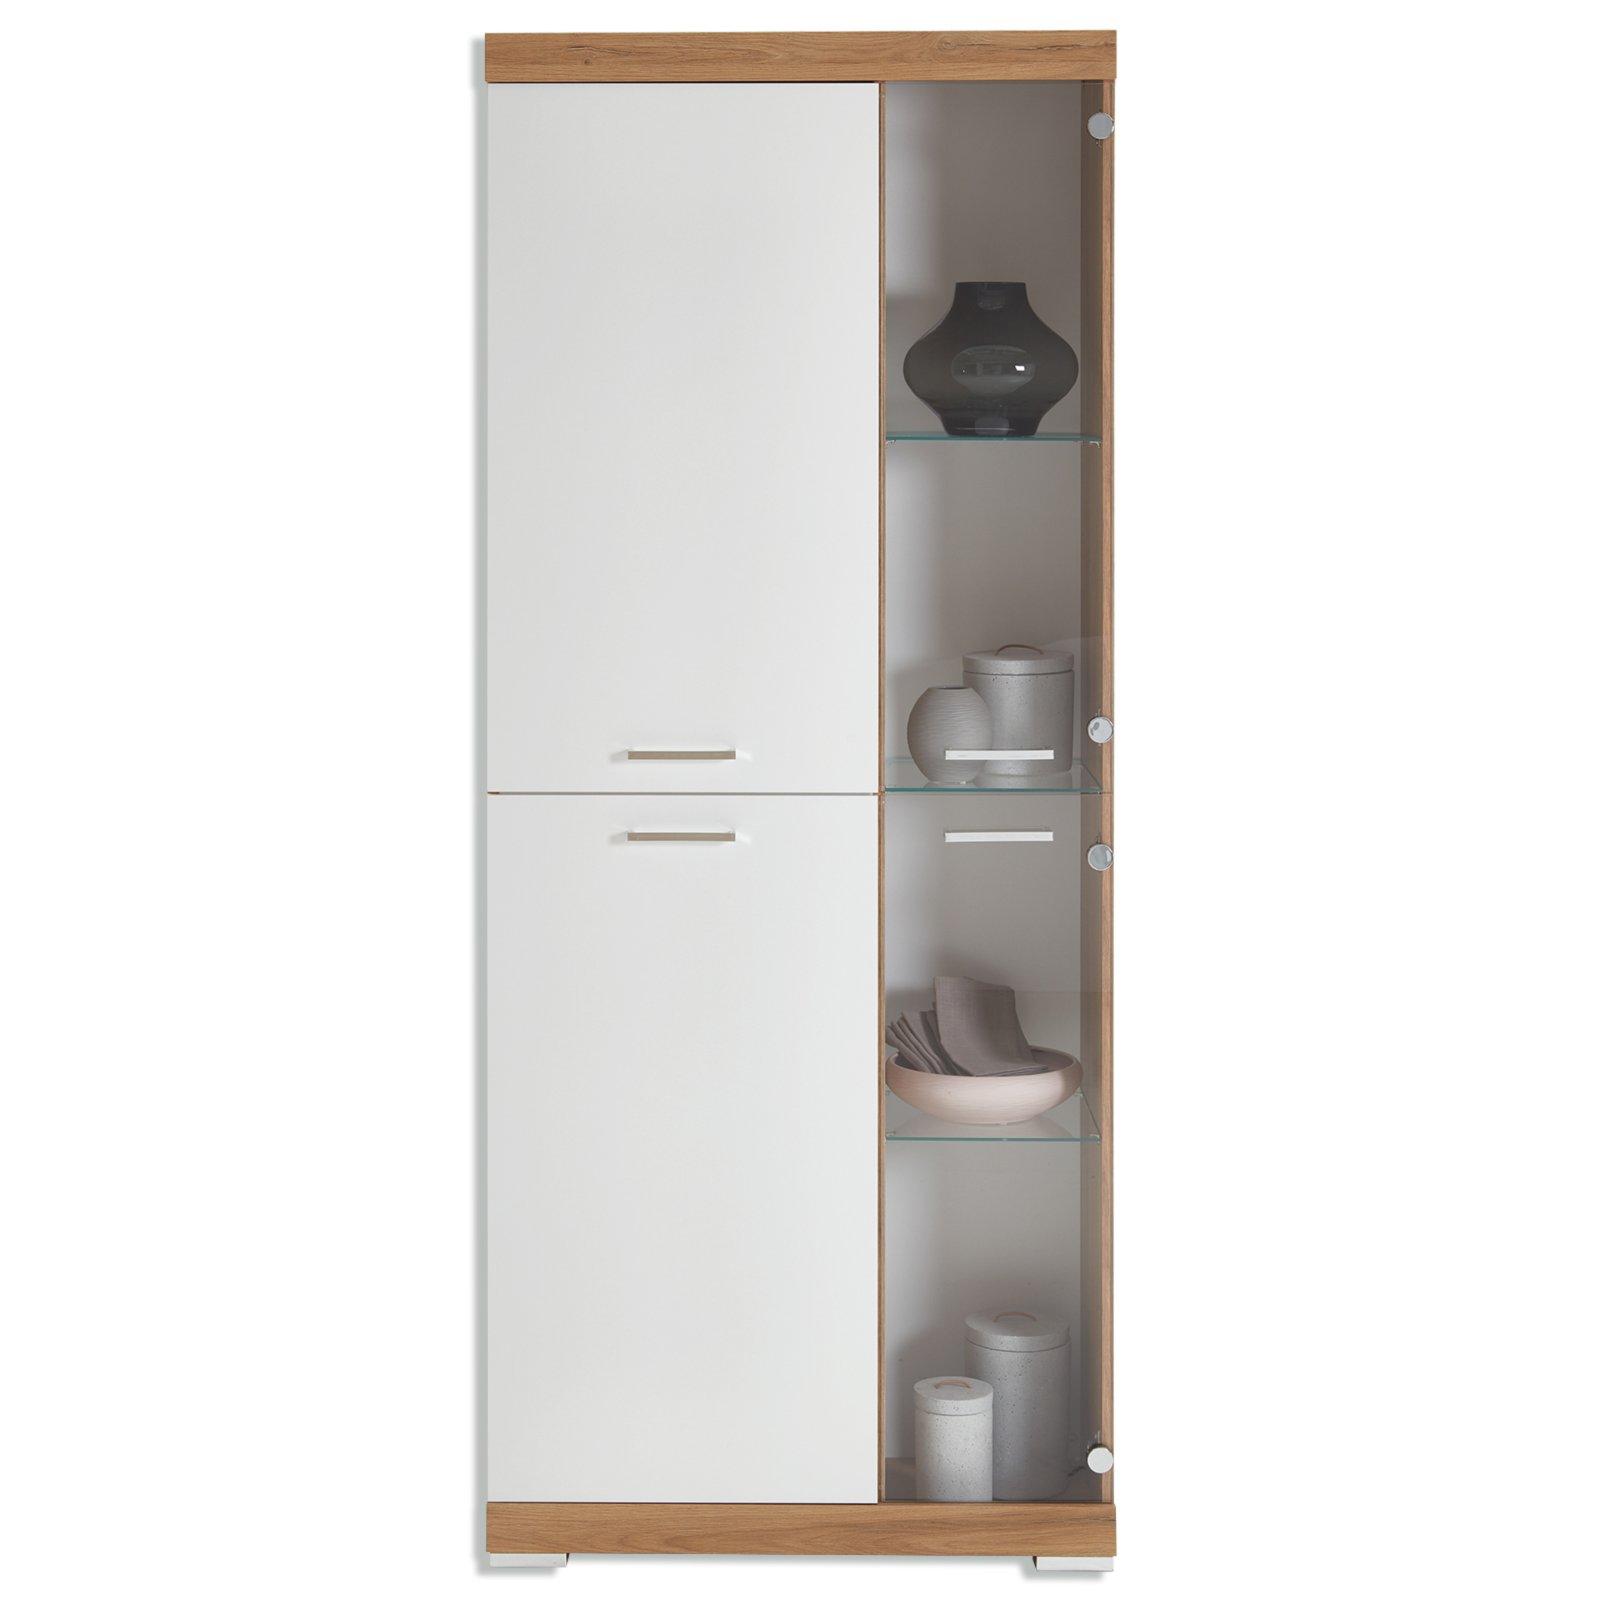 vitrine bristol alteiche wei 80 cm vitrinen wohnzimmer wohnbereiche roller m belhaus. Black Bedroom Furniture Sets. Home Design Ideas